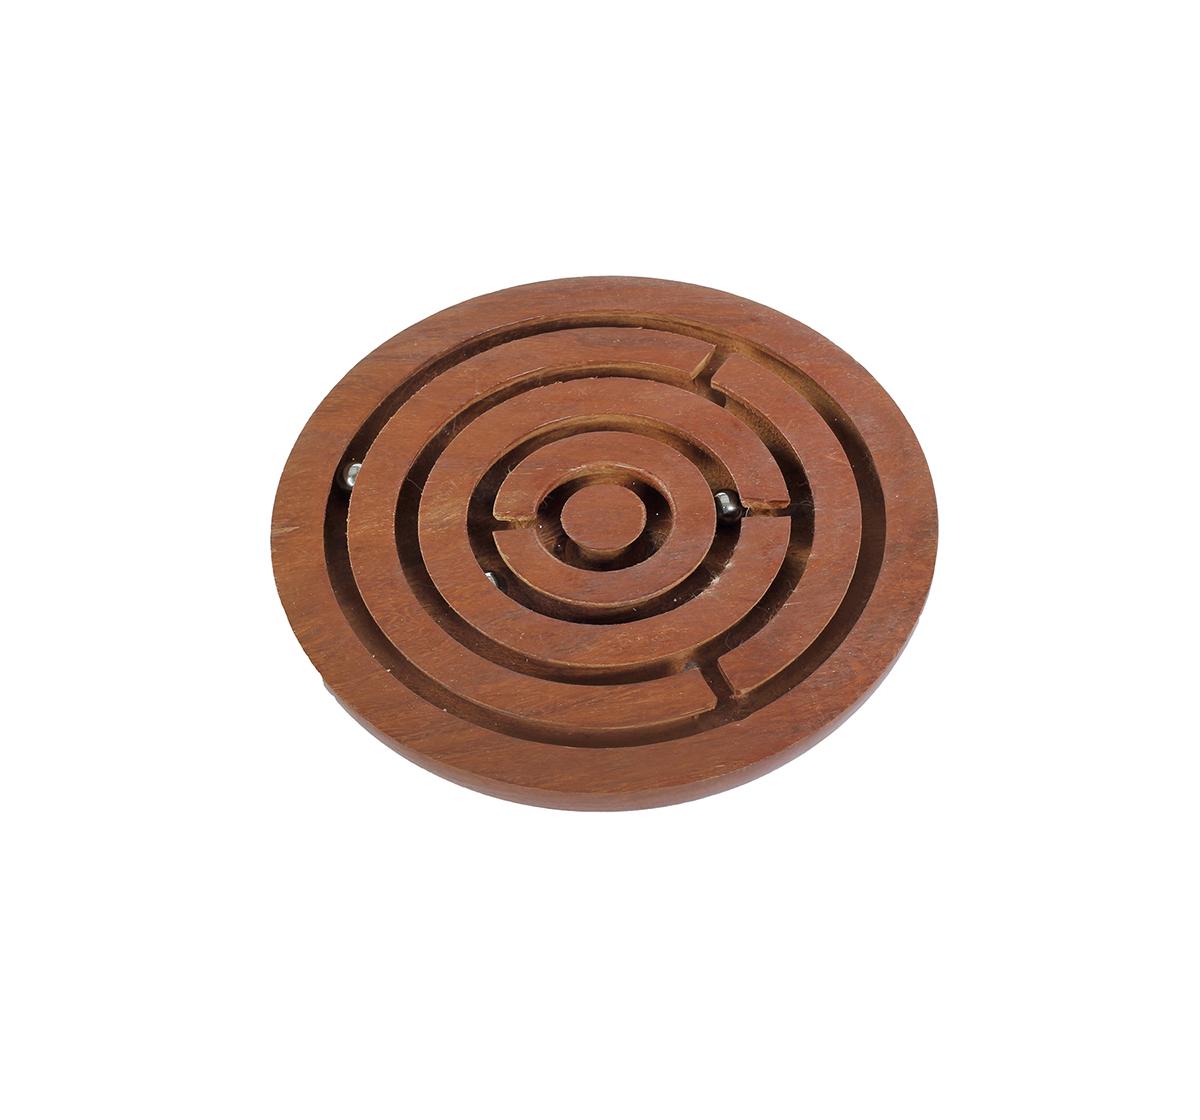 Desi Toys | Desi Toys Labyrinth, Maze, Swirl, Bada Bhool Bhulaiya Board Game for Kids age 5Y+ (Brown)